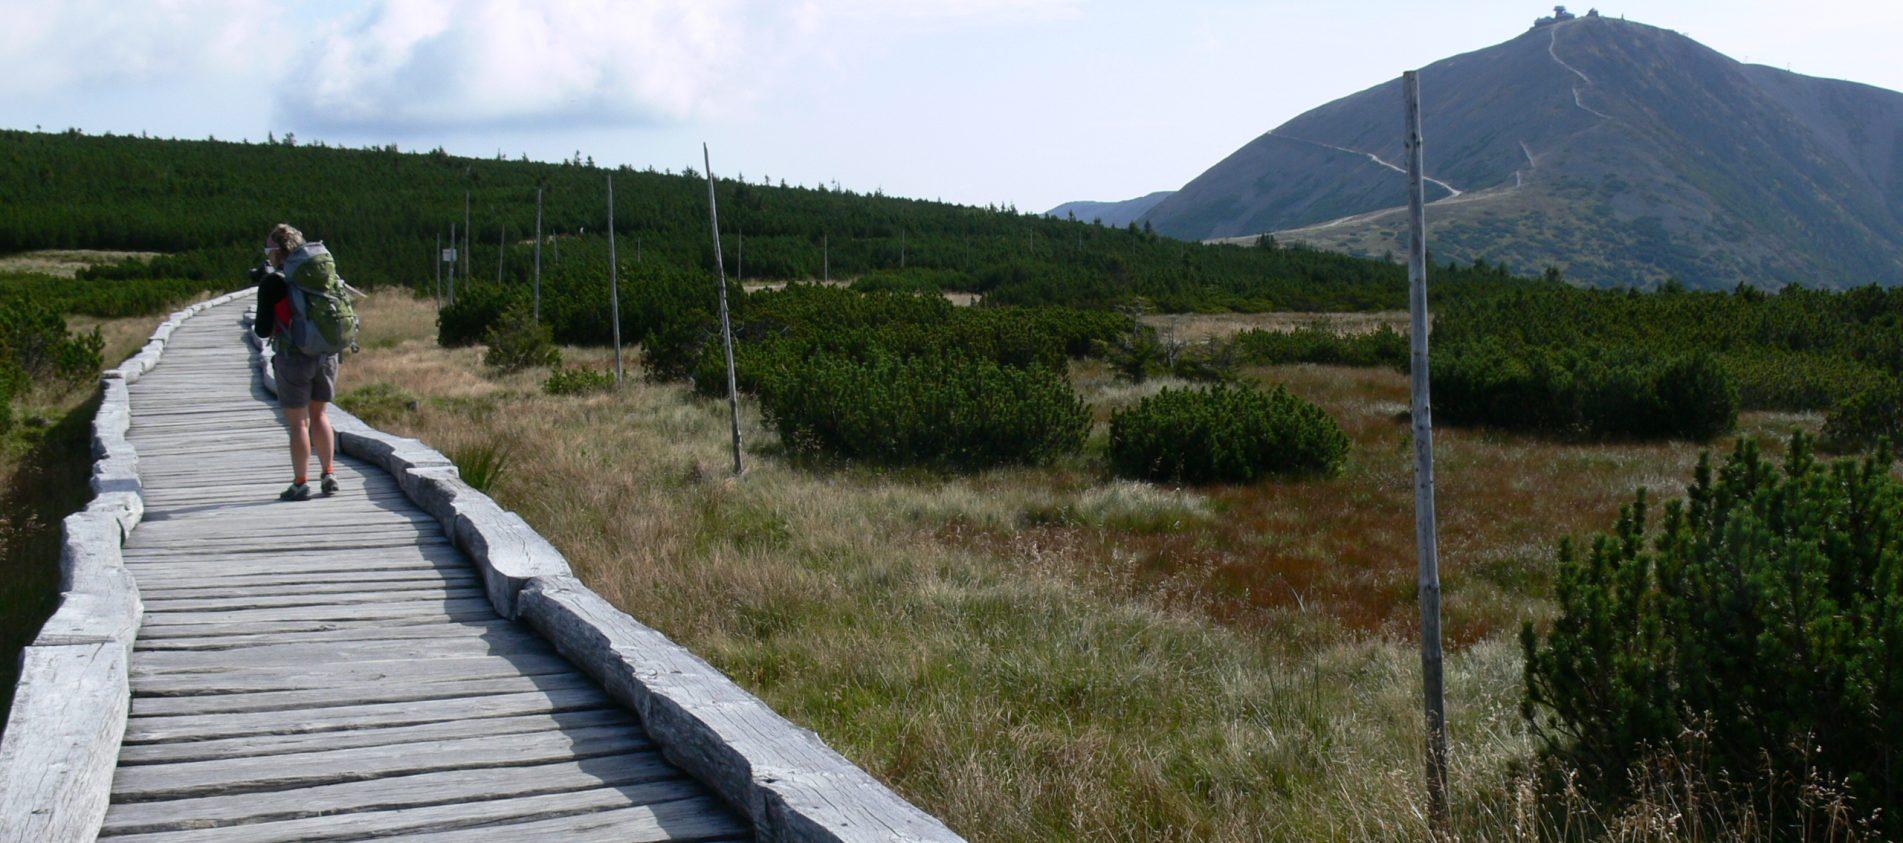 Mountain Hut Tour Giant Mountains